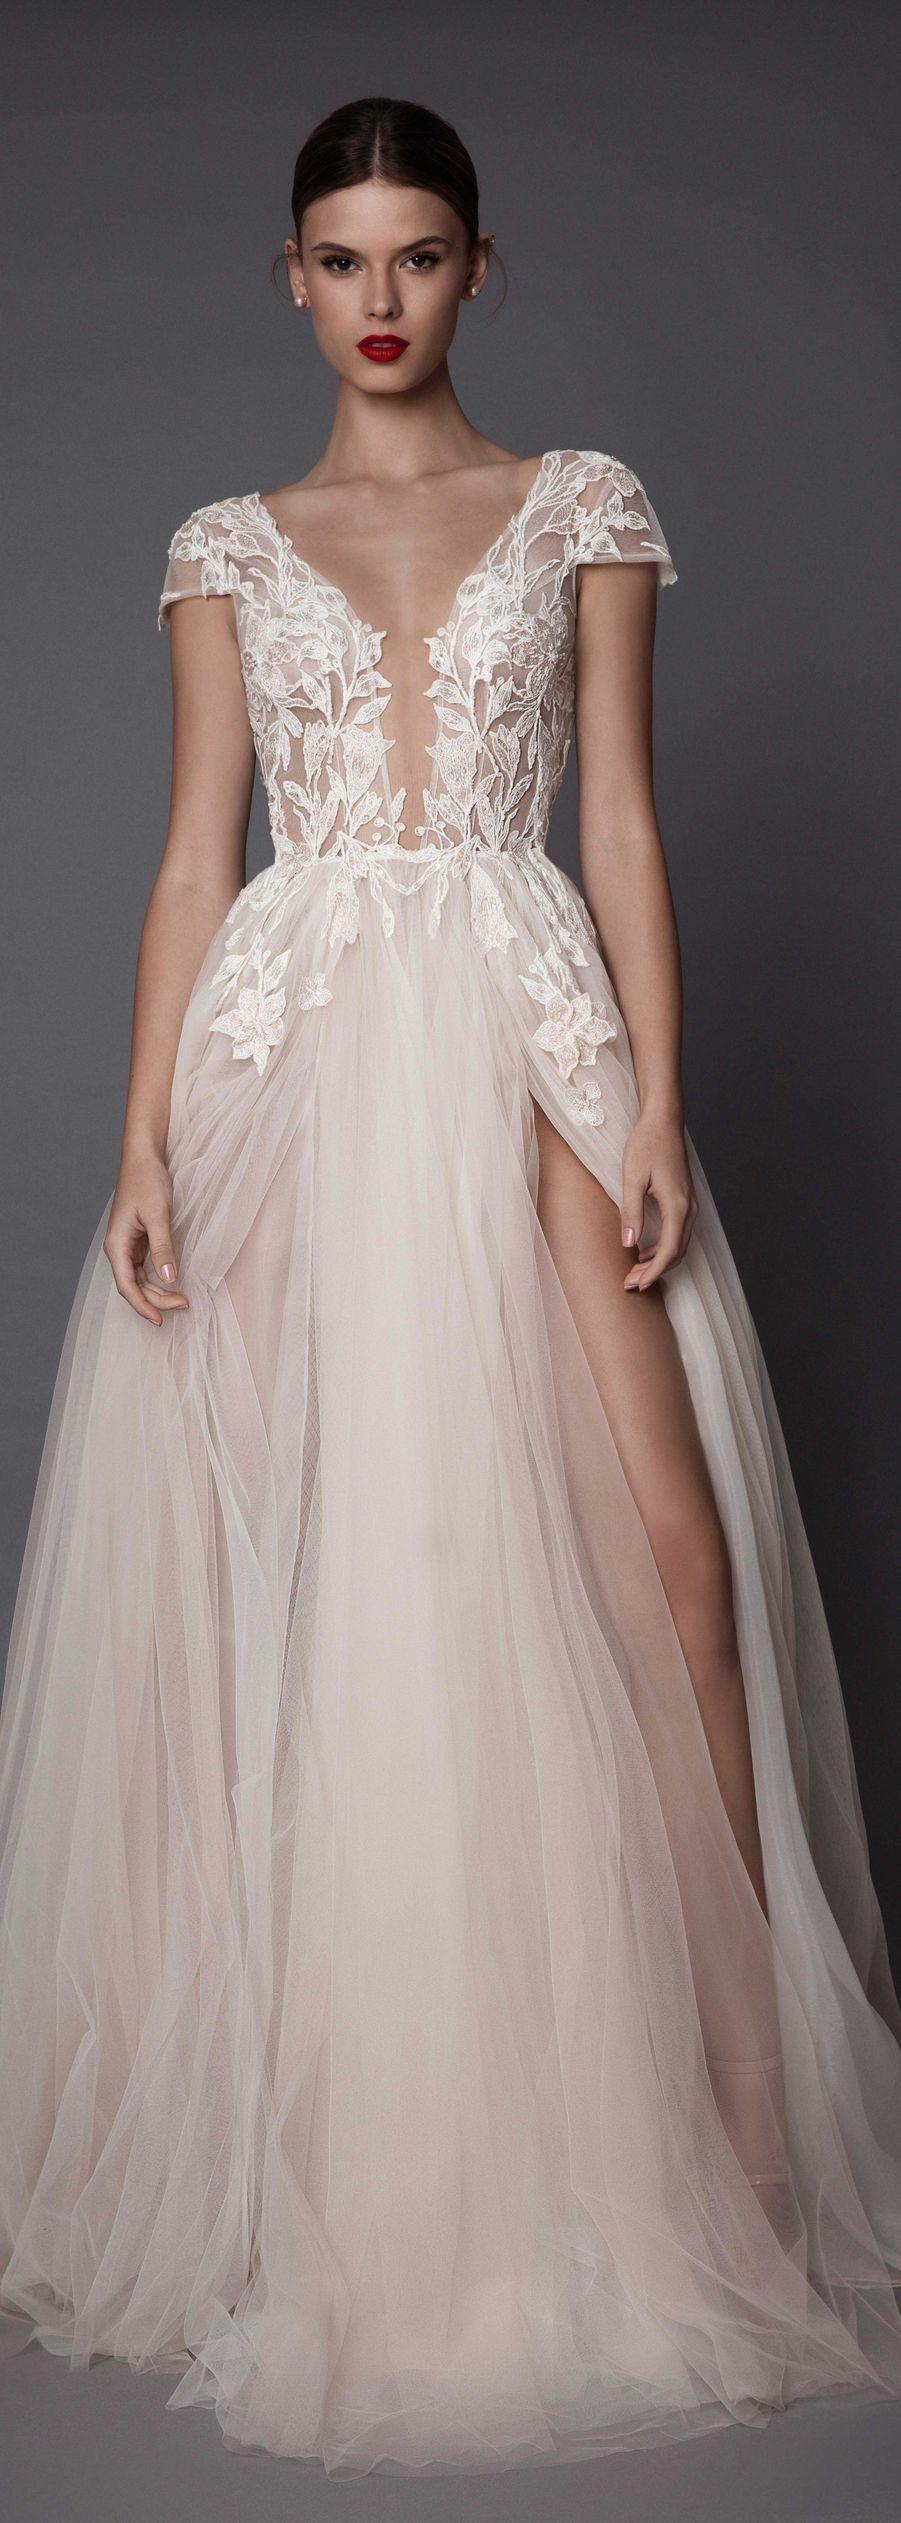 Robe de mariée nudehttps://www.pinterest.fr/pin/544020829973904228/